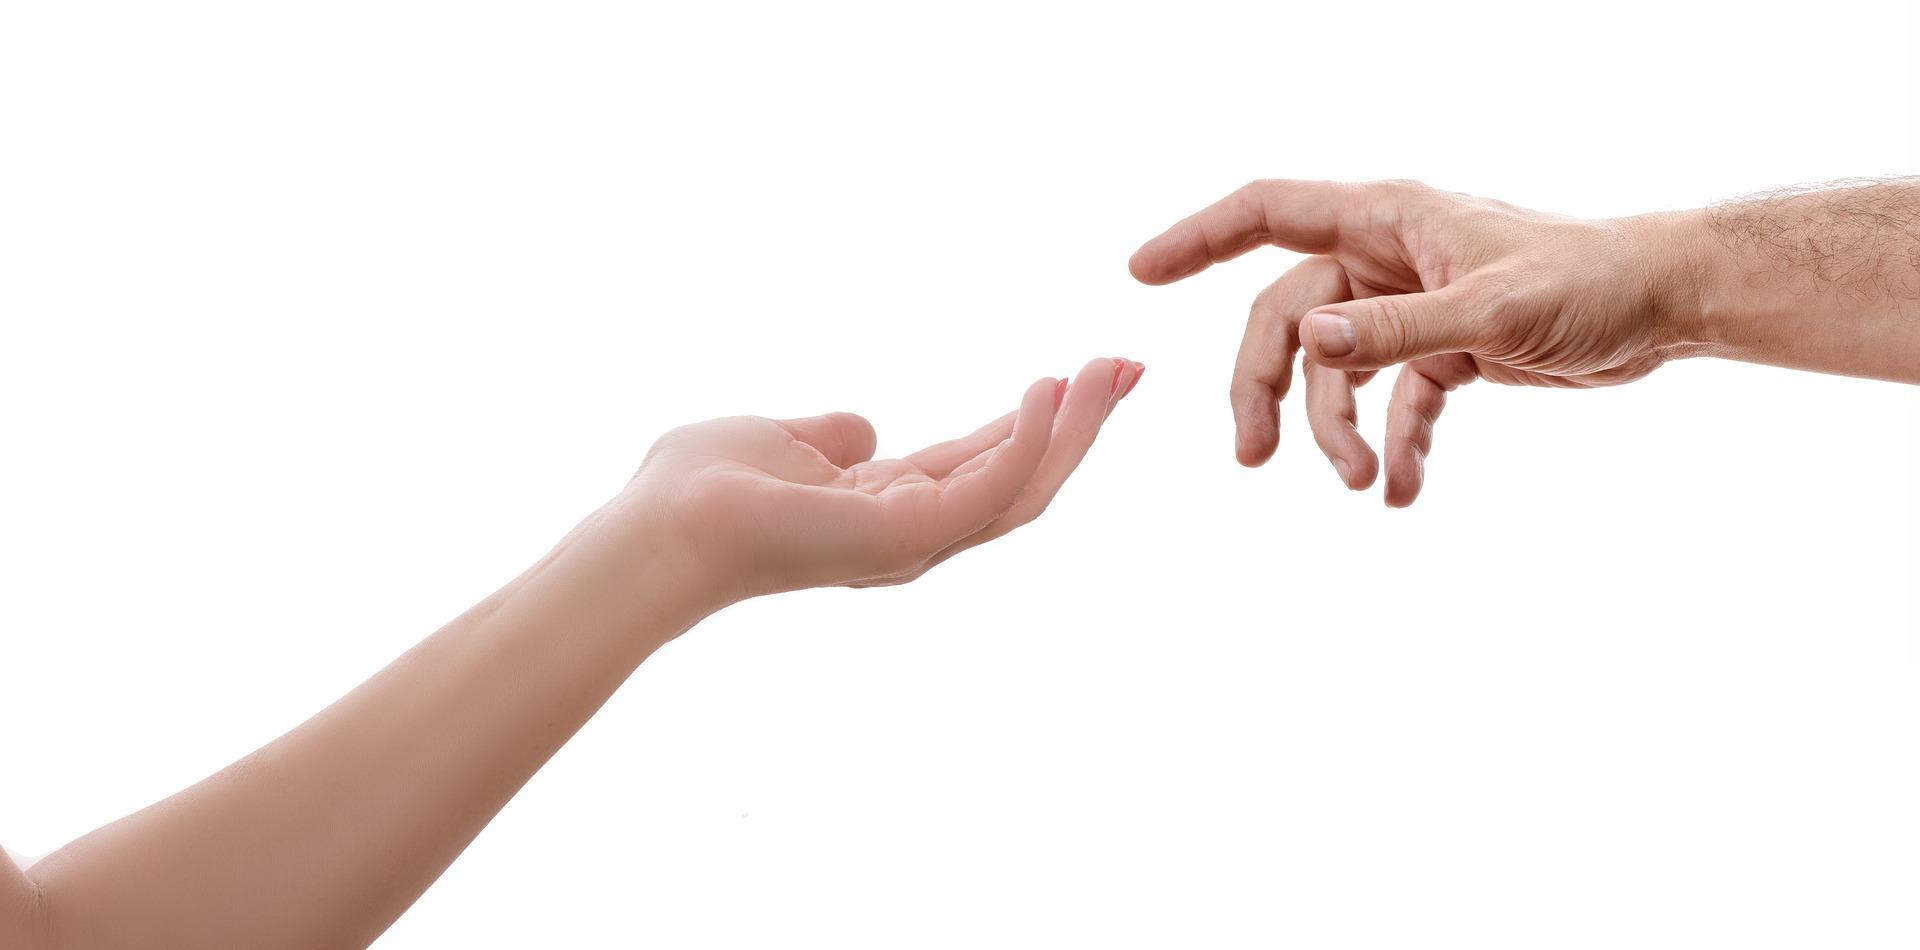 Che cos'è la sindrome della mano aliena?